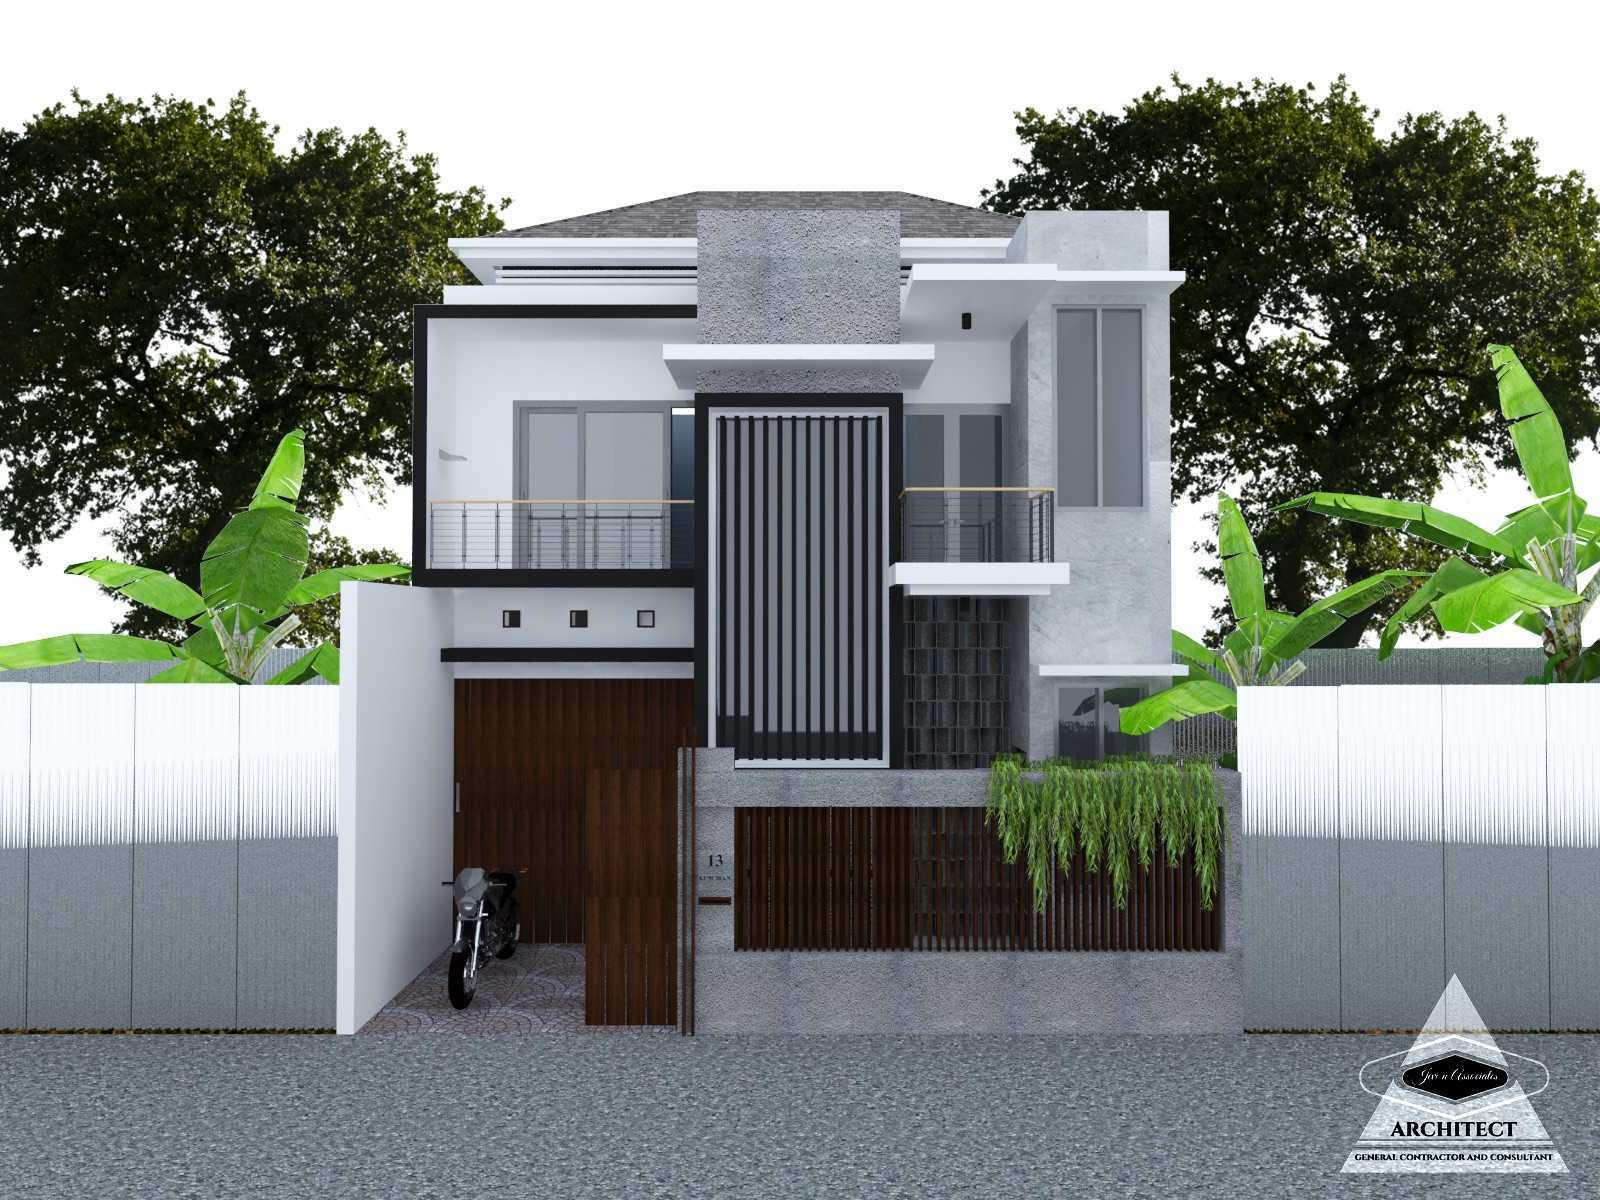 Jevi N Associates Rumah Viki 2 Cipondoh, Tangerang Cipondoh, Tangerang Front View   24223